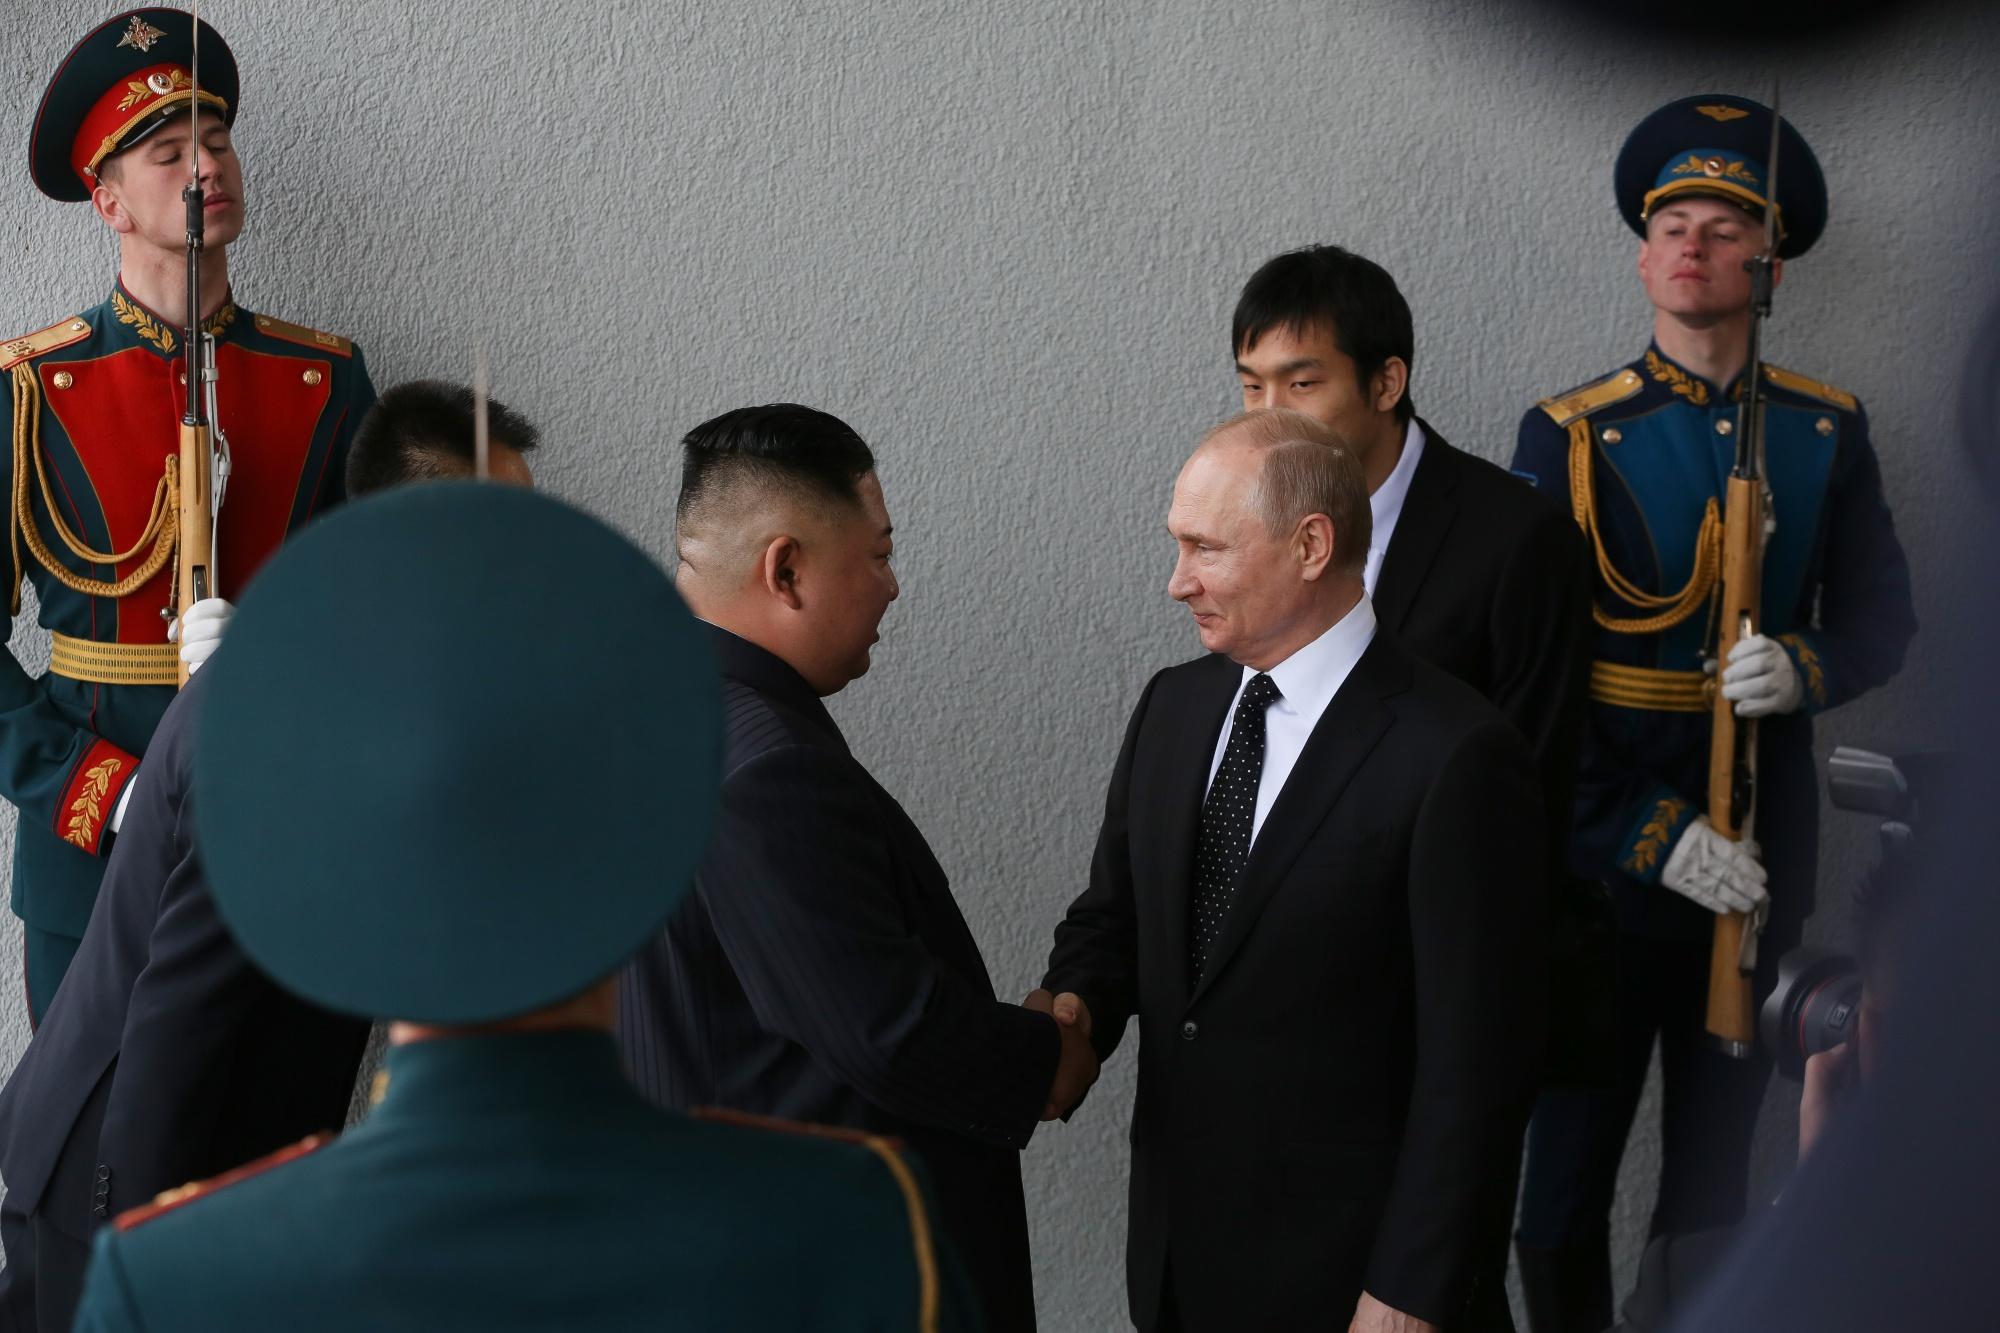 金正恩氏が米国を「不誠実」と非難-プーチン氏との首脳会談で